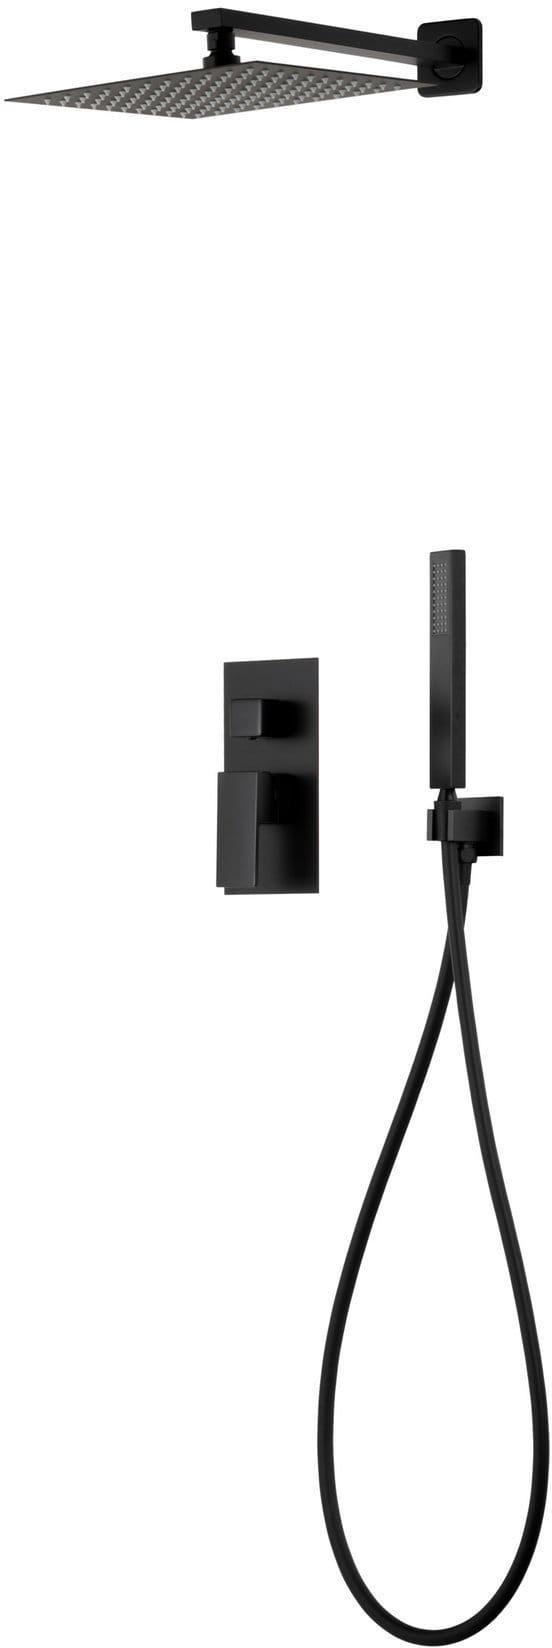 Corsan Prysznicowy zestaw podtynkowy czarny z mieszaczem Z01MBL